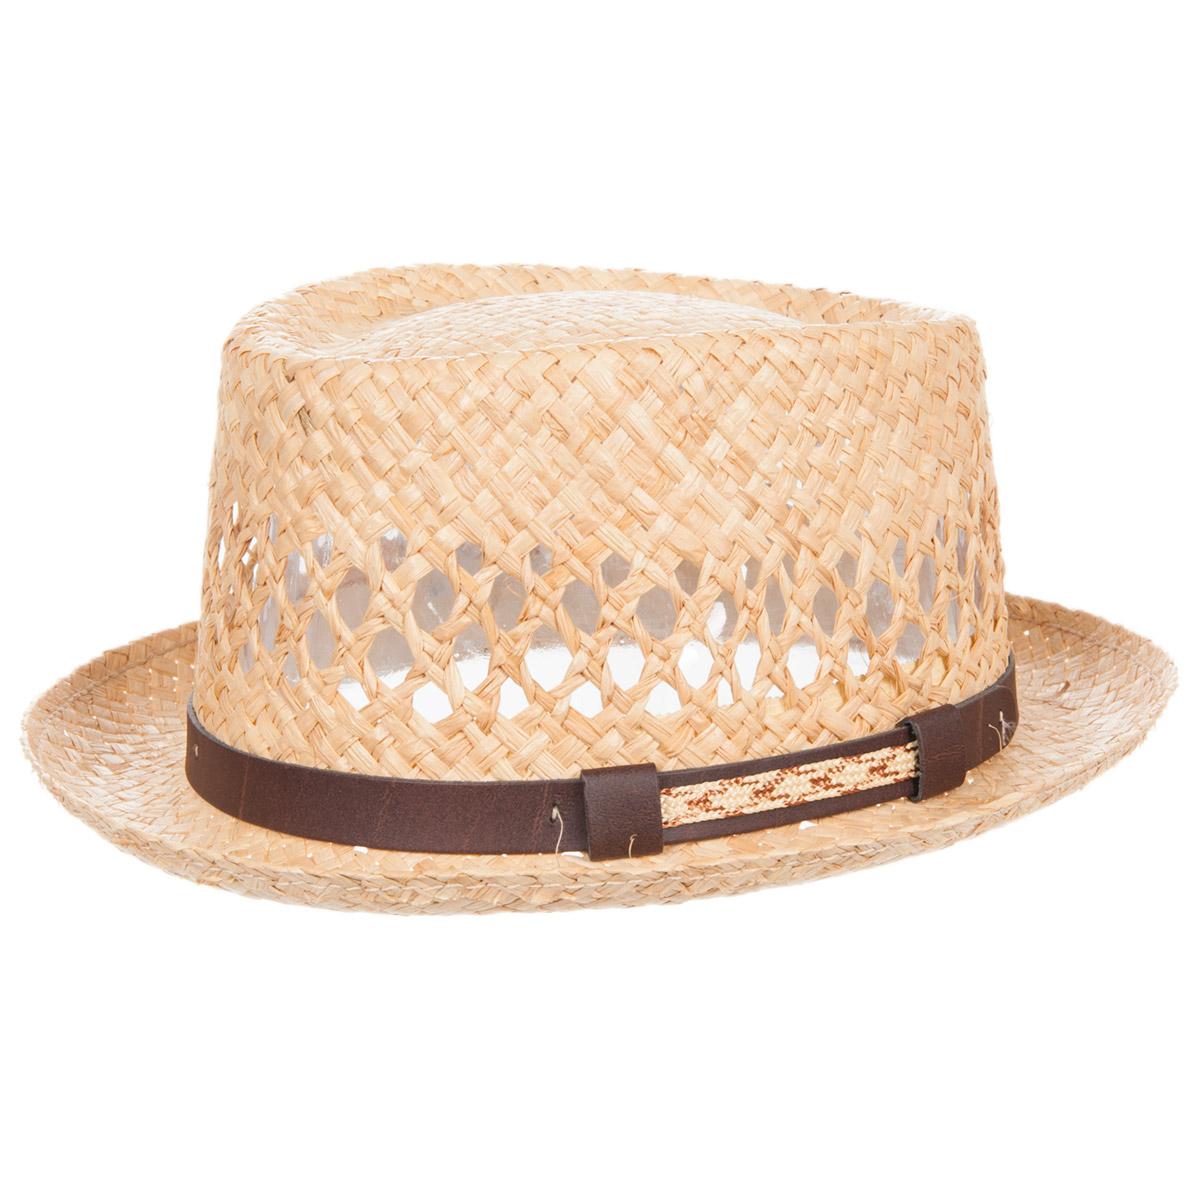 di modo attraente come ordinare disponibile cappello pork pie in paglia naturale